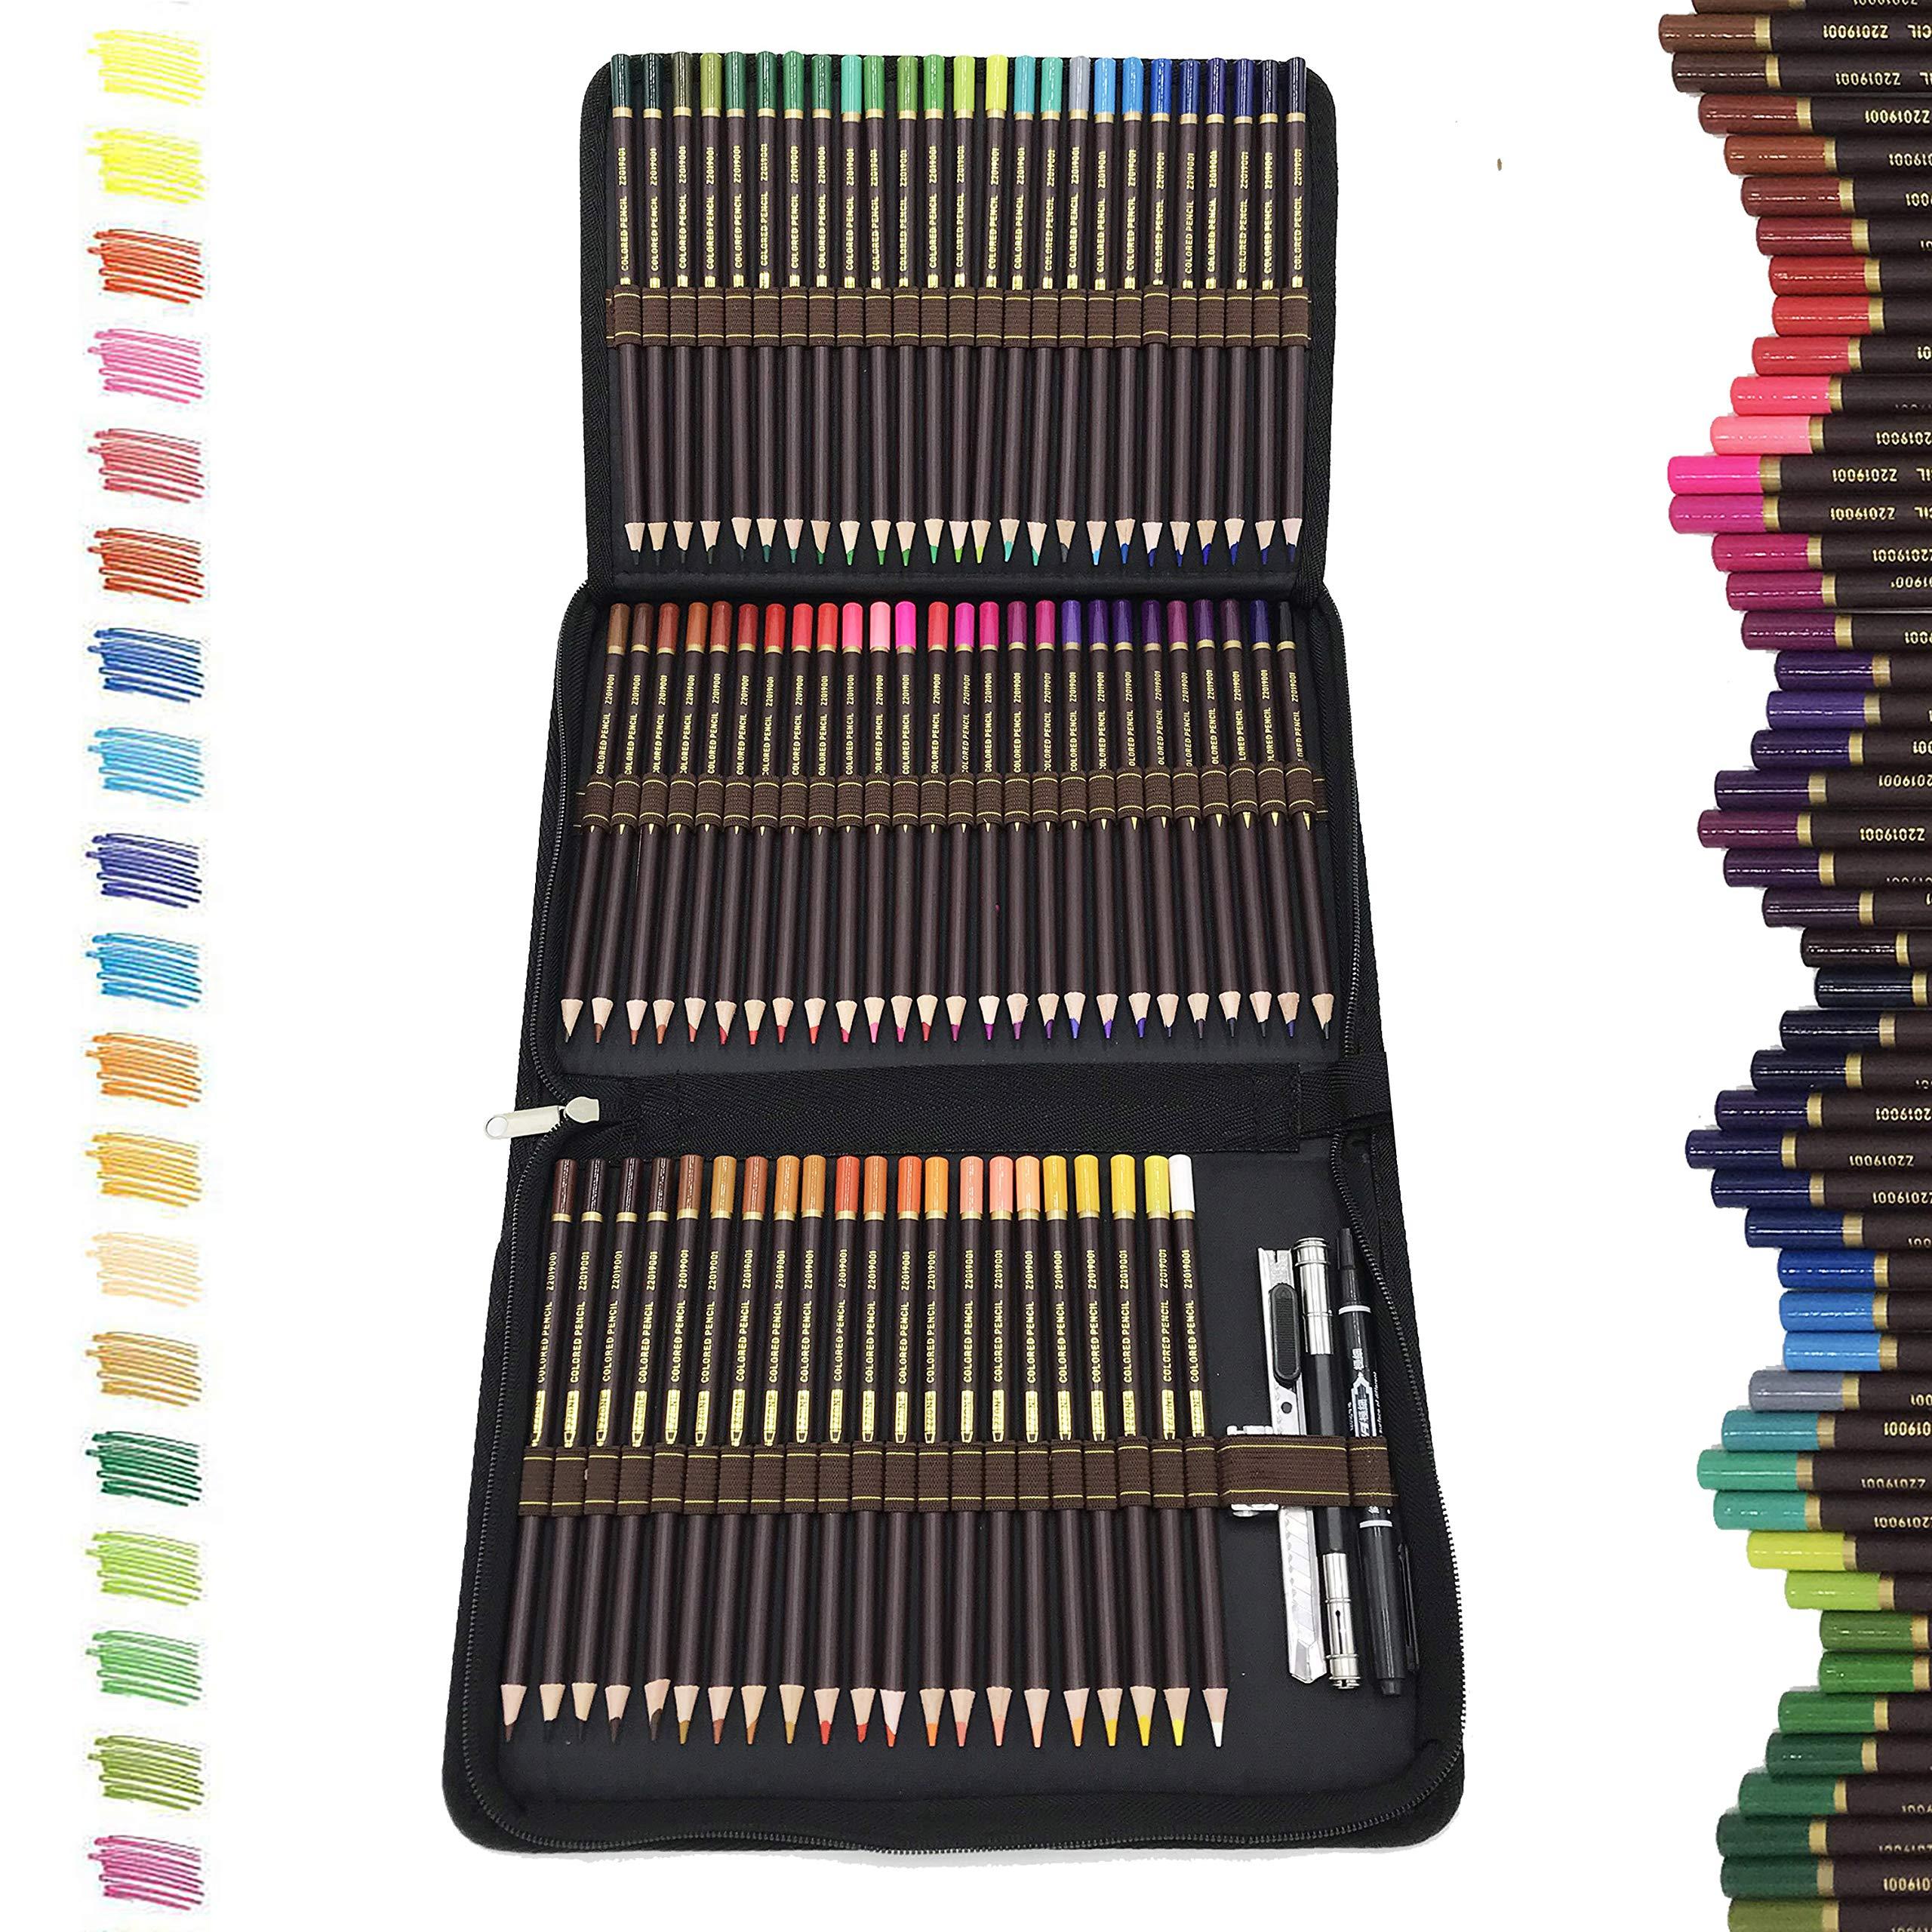 72 Lapices de Colores Profesionales,lapiz para colorear de Dibujo y Bosquejo Material de dibujo Set,Incluye Caja de Cremallera Portátil,Mejores Lápices de colores Conjunto Ideal para Adultos y Niños